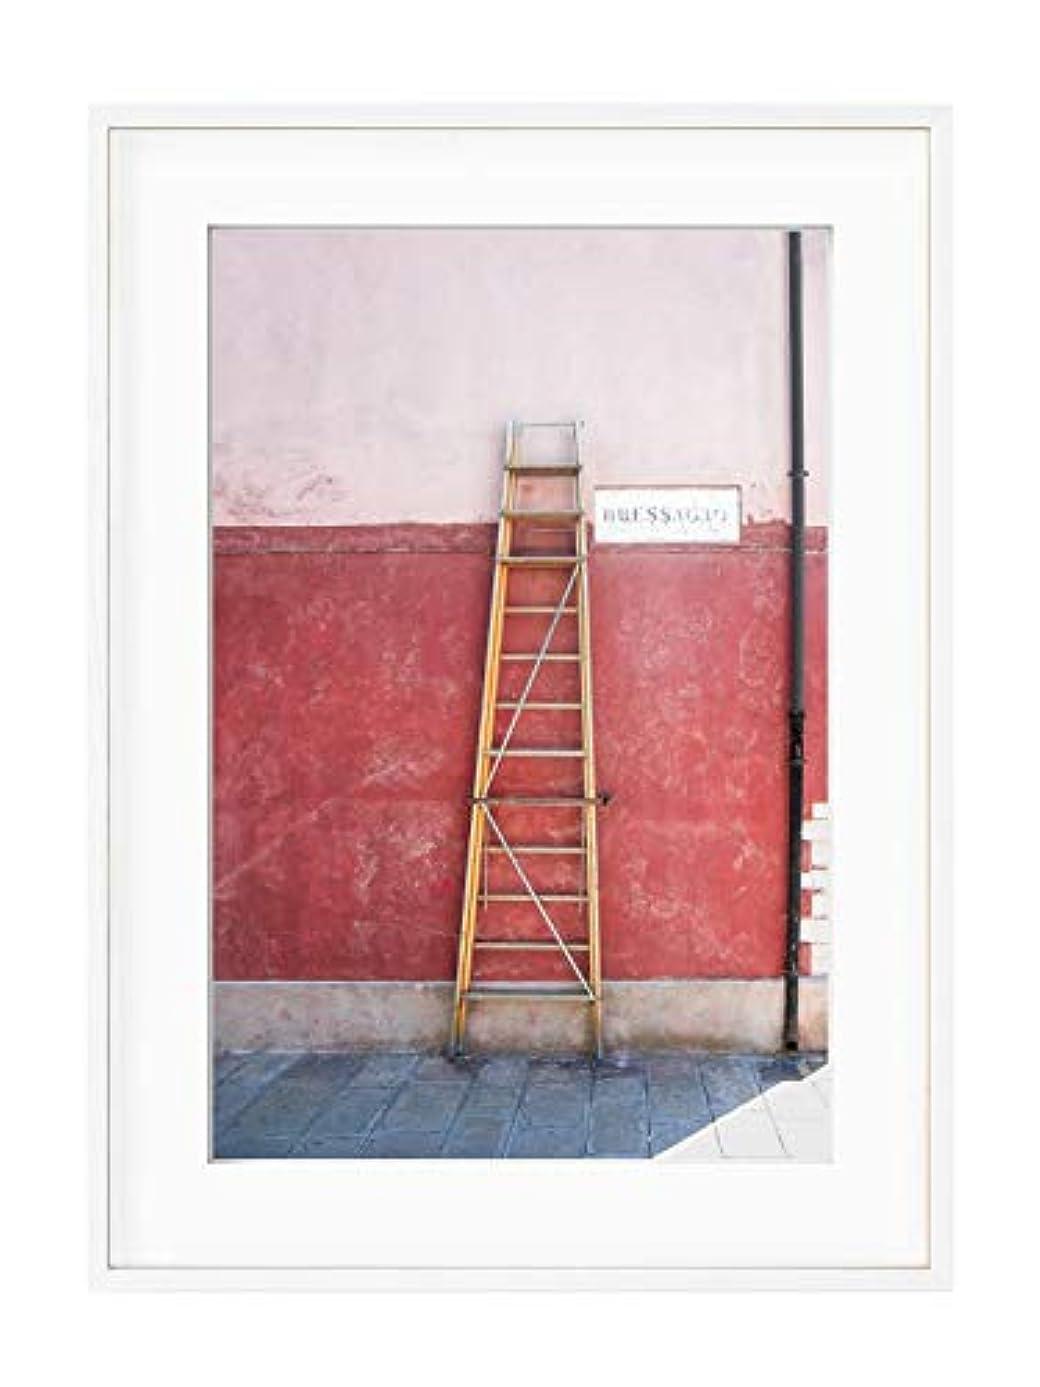 Via Bessagio, Black Satin Aluminium Frame, Full Format, Multicolored, 40x50